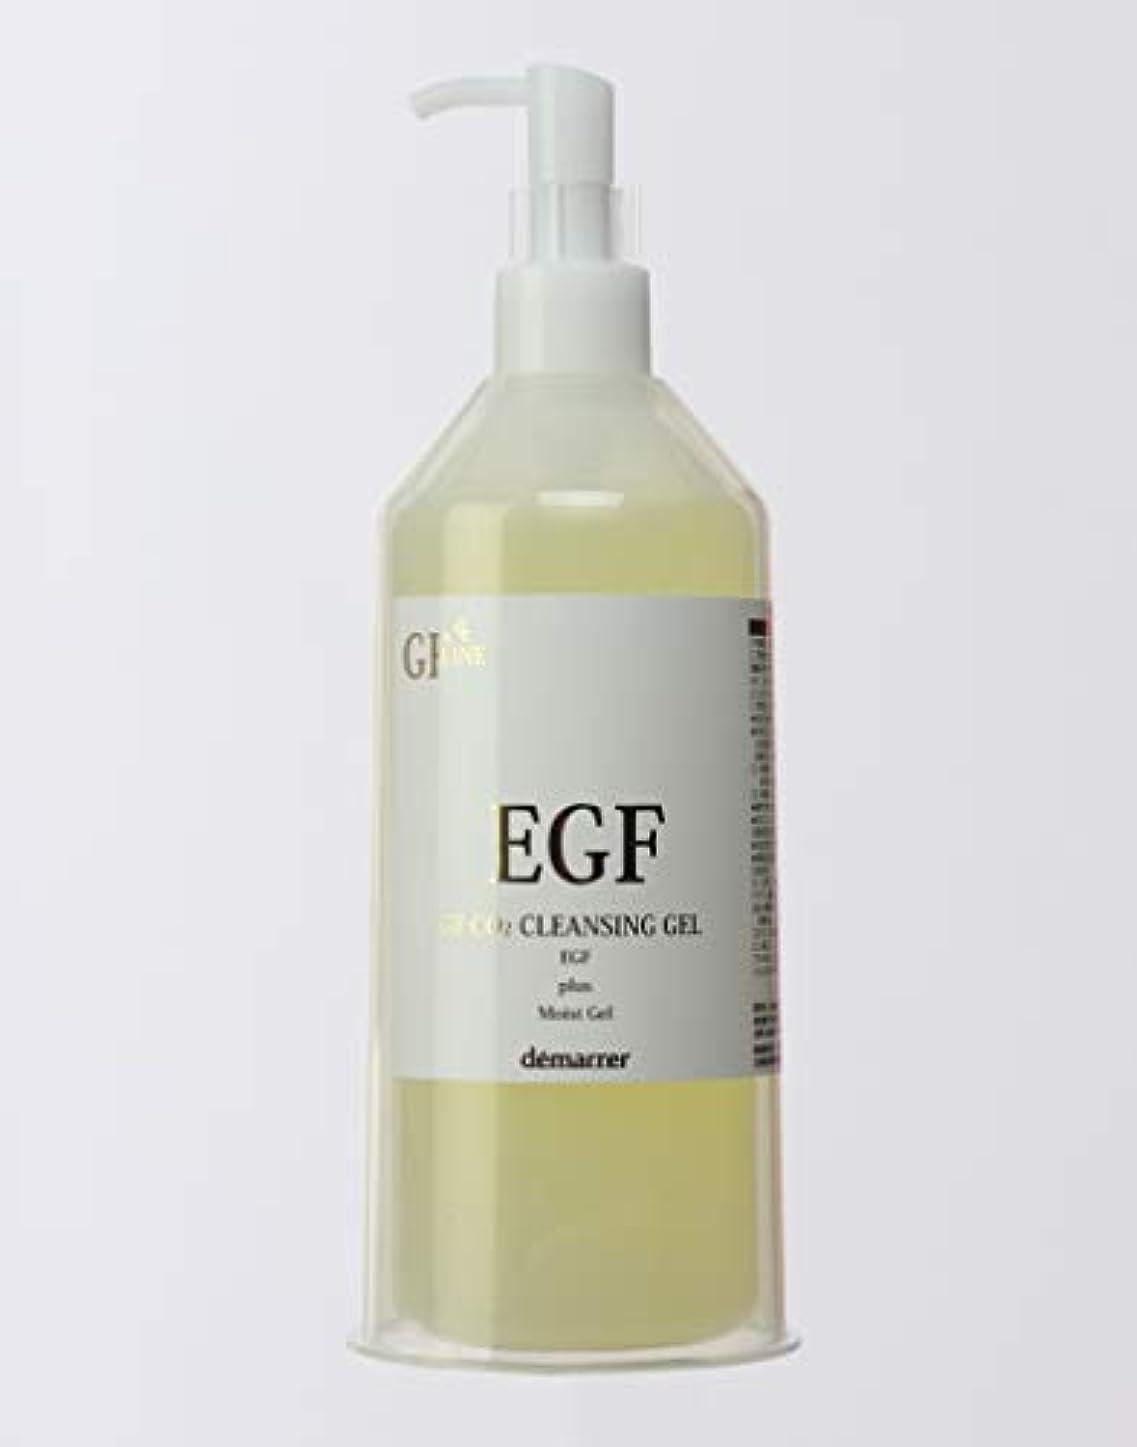 事業内容ペッカディロ新鮮なデマレ GF 炭酸洗顔クレンジング  400g  ジェルタイプのクレンジング